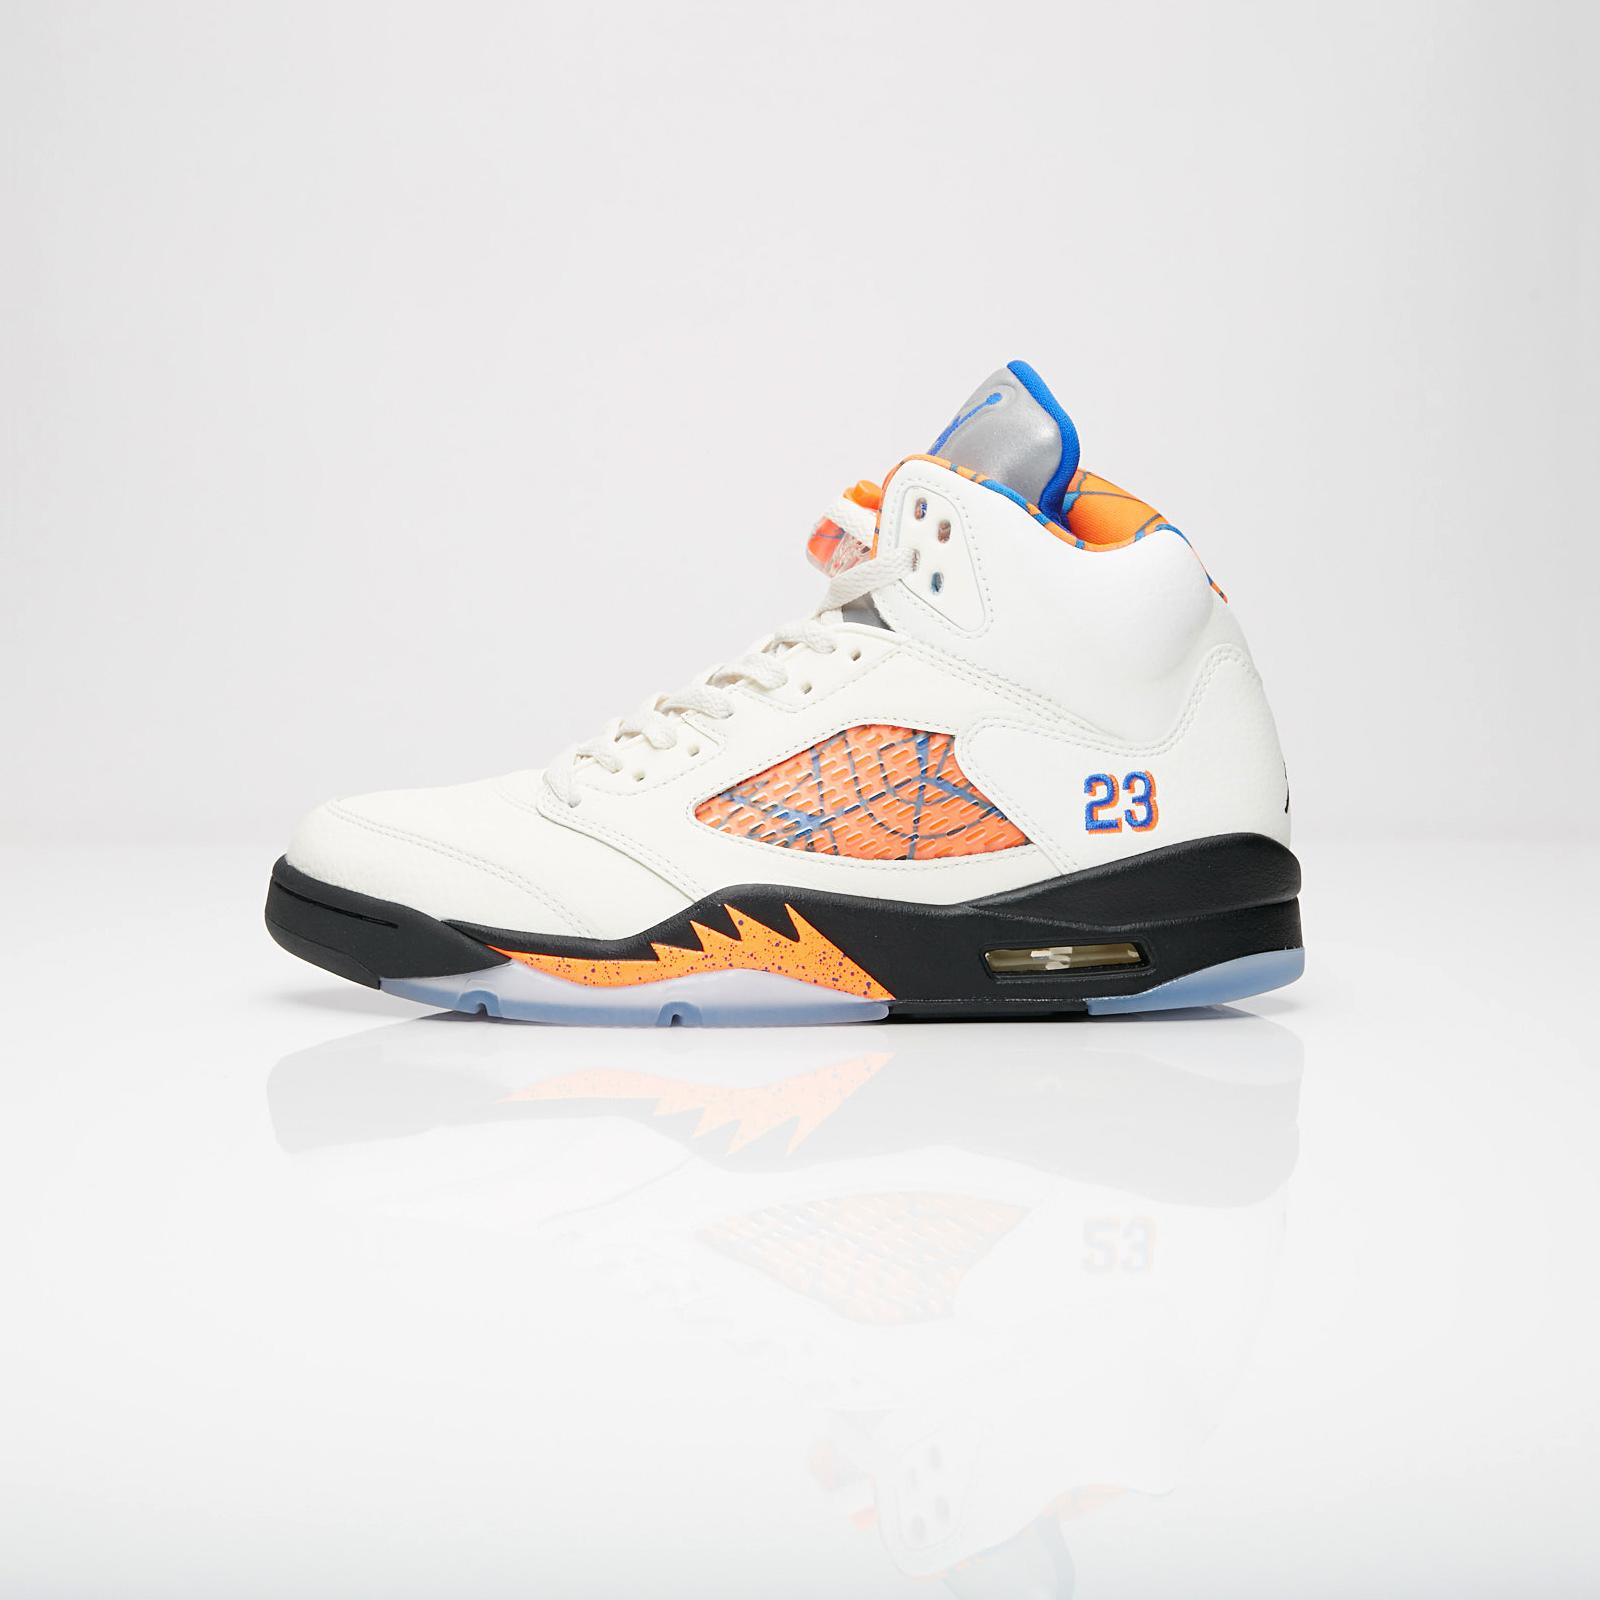 57ada2f2c65480 Jordan Brand Air Jordan 5 Retro - 136027-148 - Sneakersnstuff ...